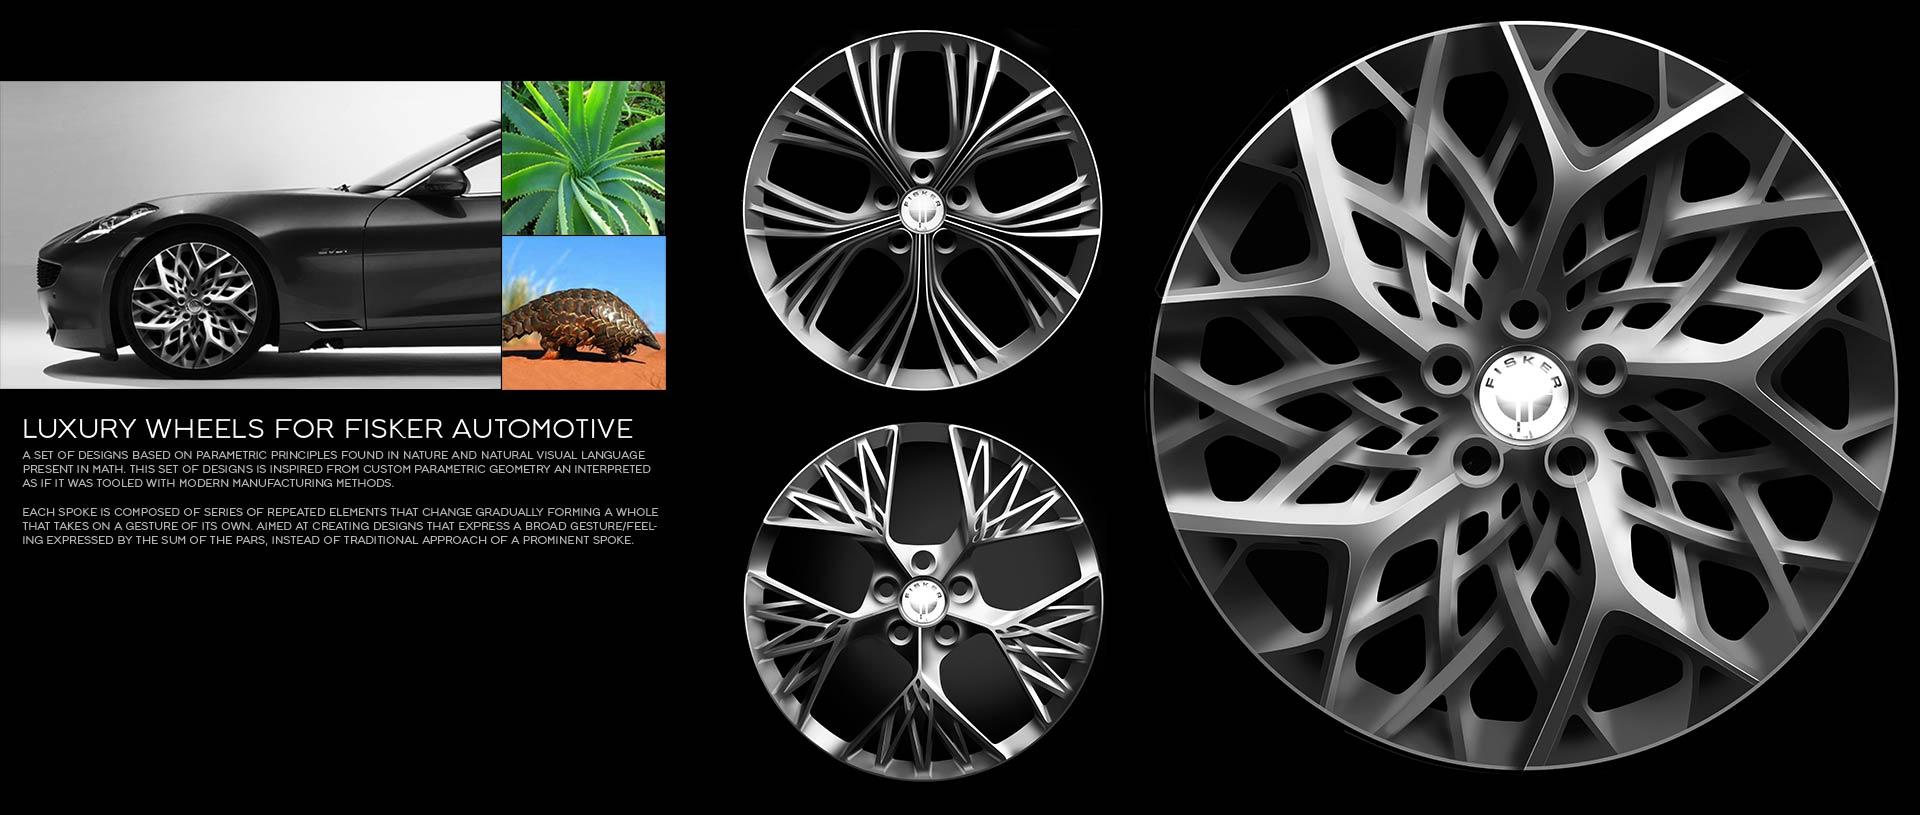 Max Enko Fisker Wheel Design